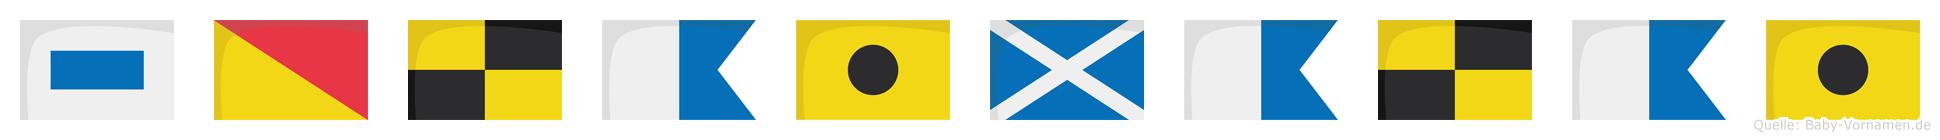 Solaimalai im Flaggenalphabet